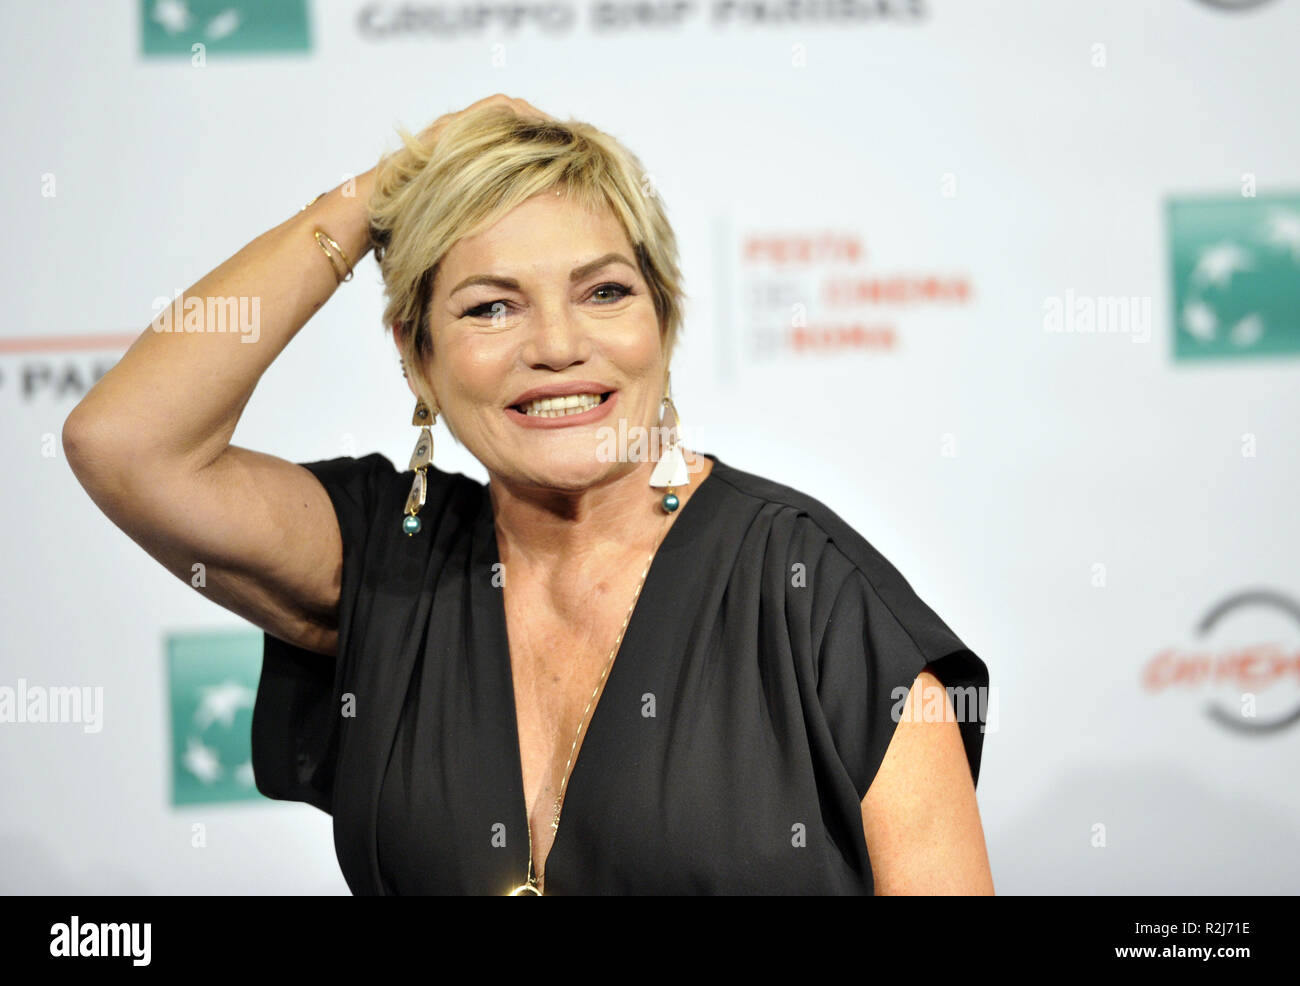 13th Rome Film Fest